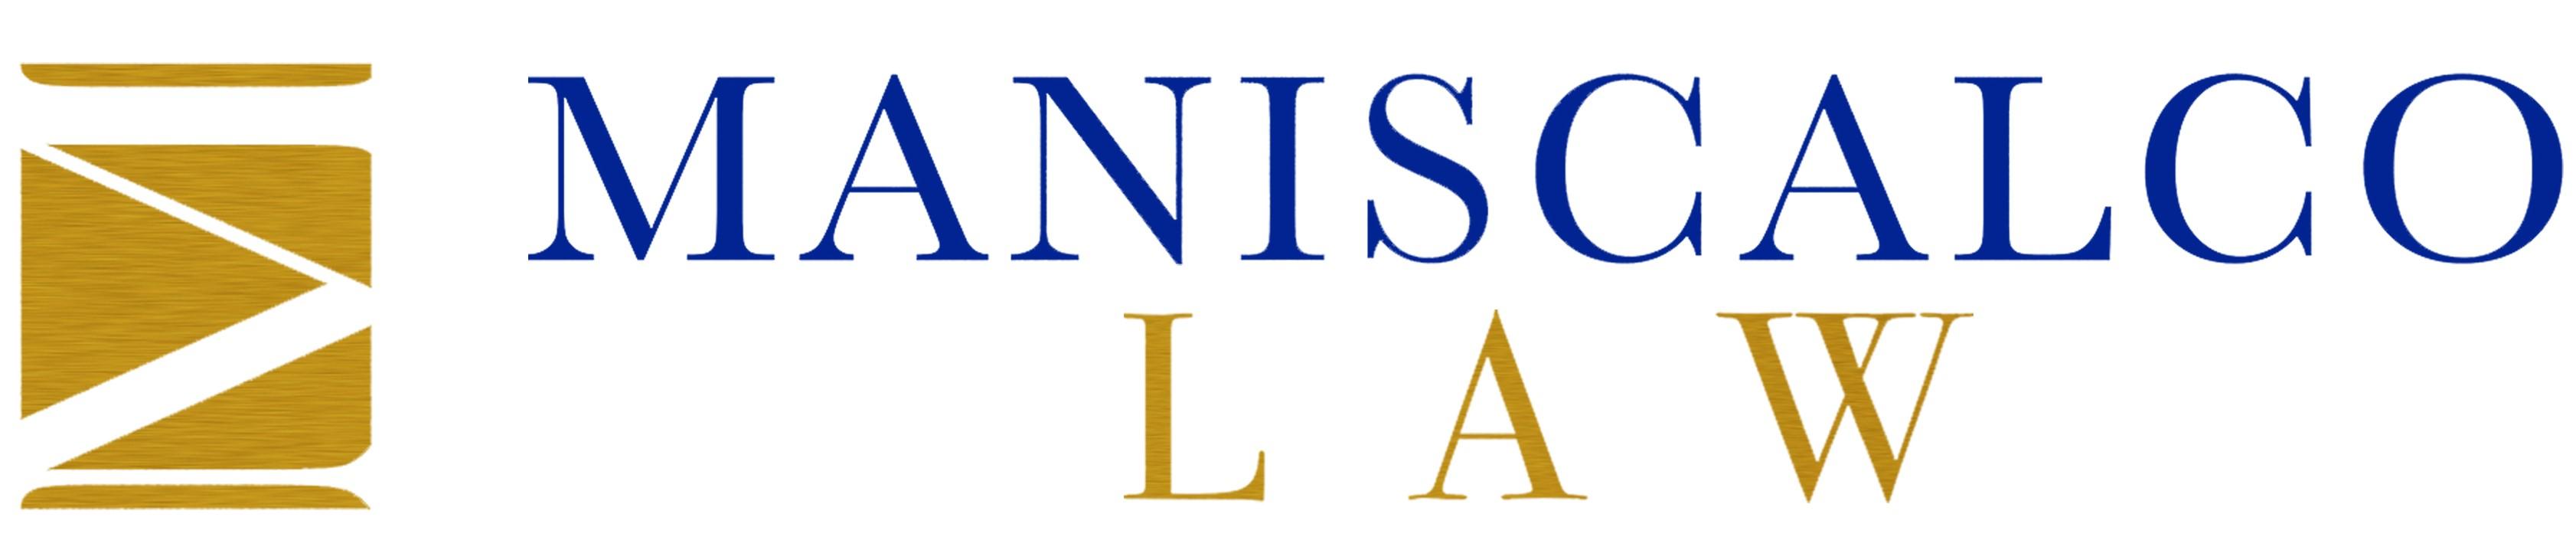 Maniscalco Law, P.C.